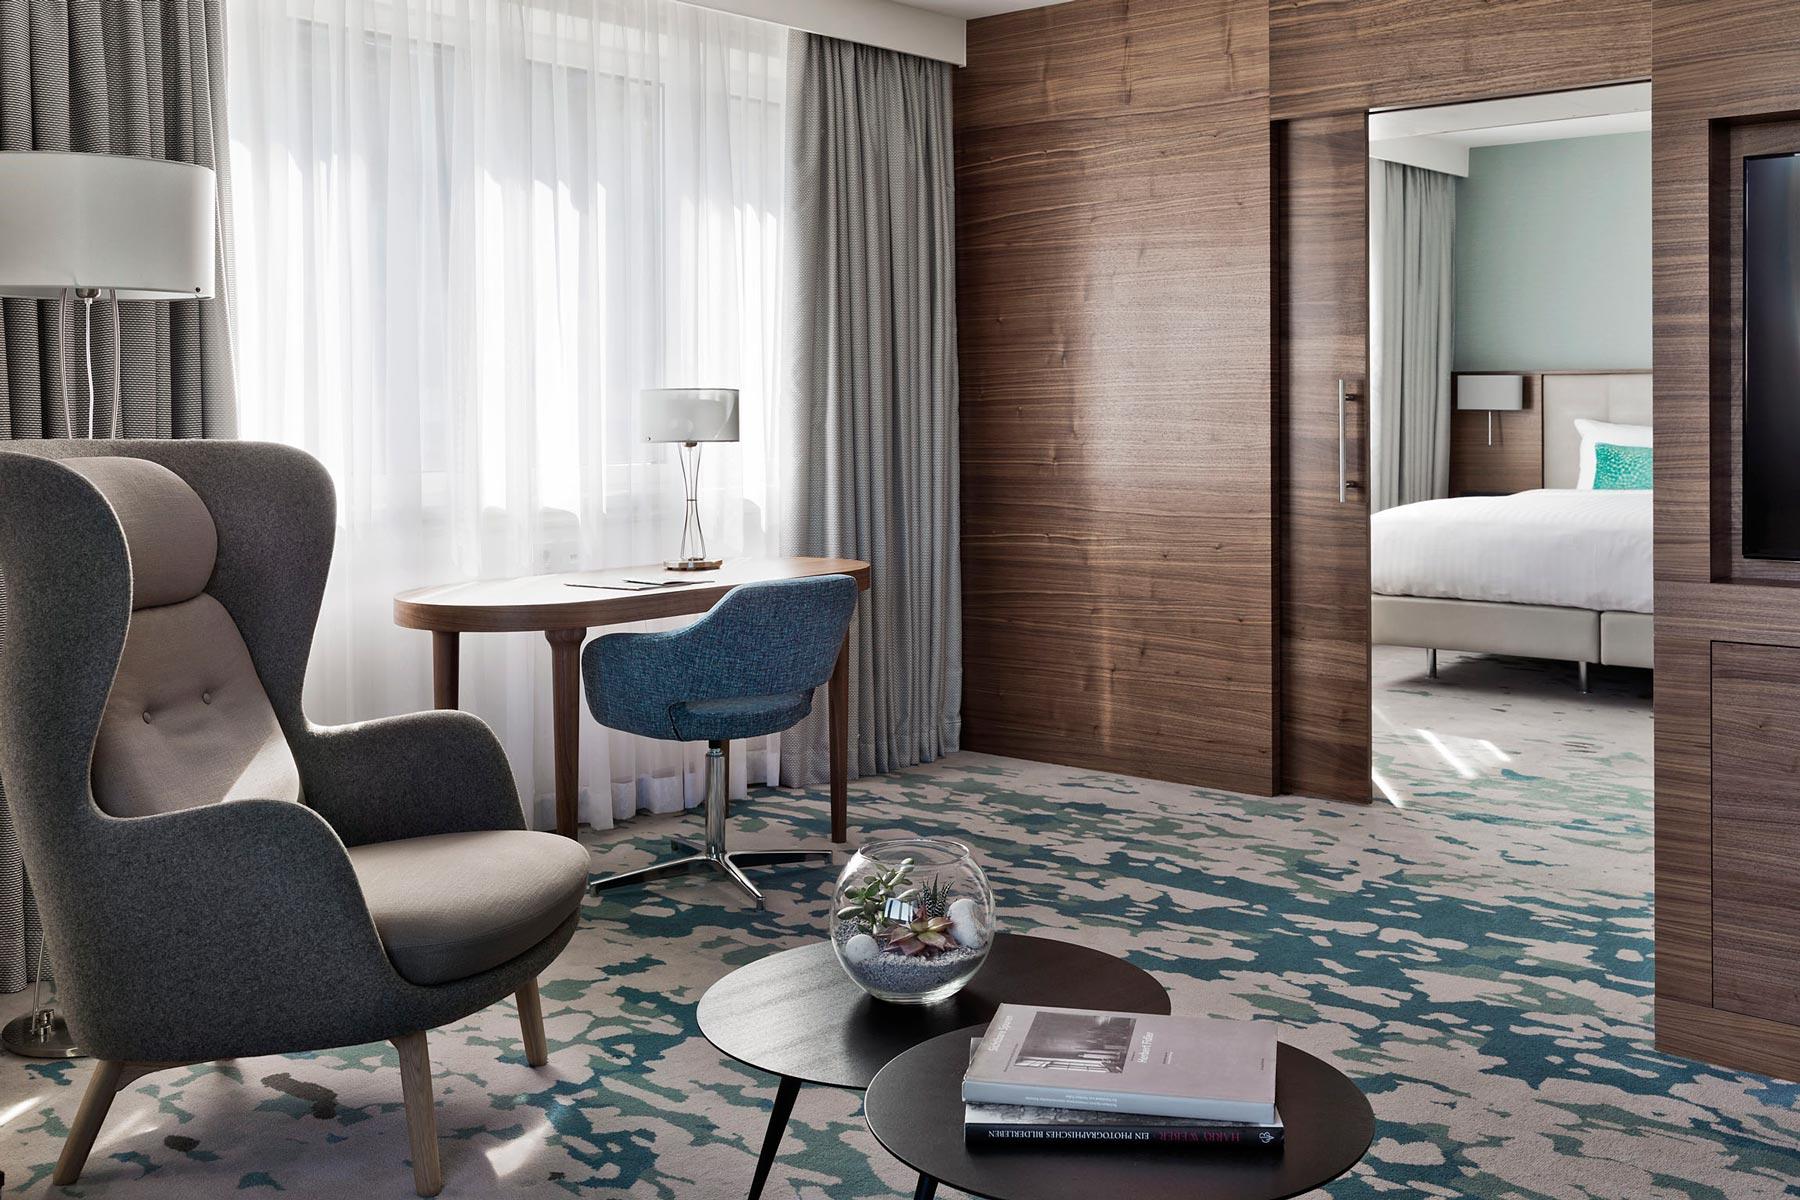 Vienna Marriot Hotel